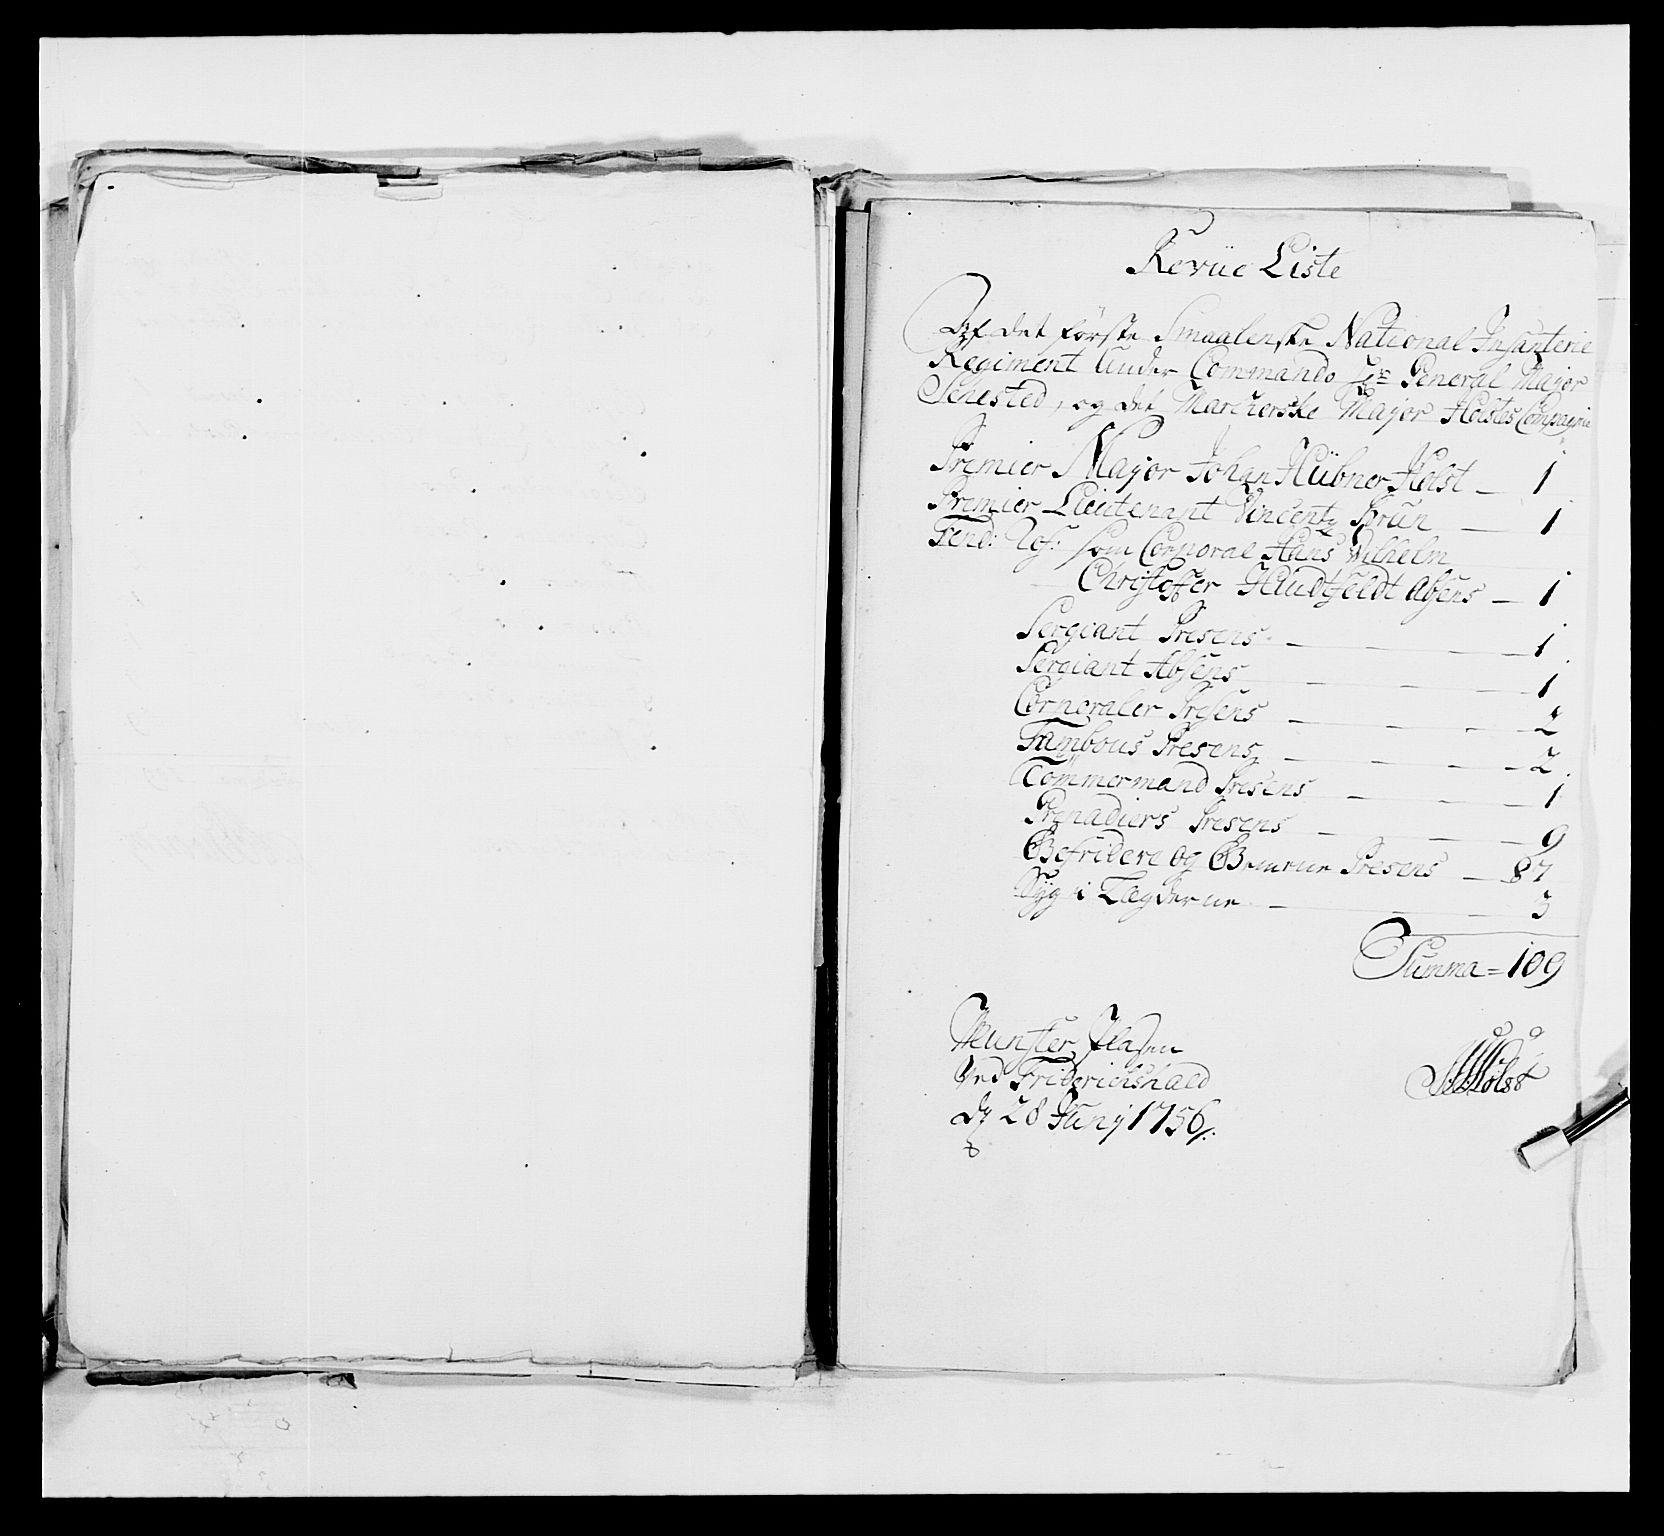 RA, Kommanderende general (KG I) med Det norske krigsdirektorium, E/Ea/L0495: 1. Smålenske regiment, 1732-1763, s. 624